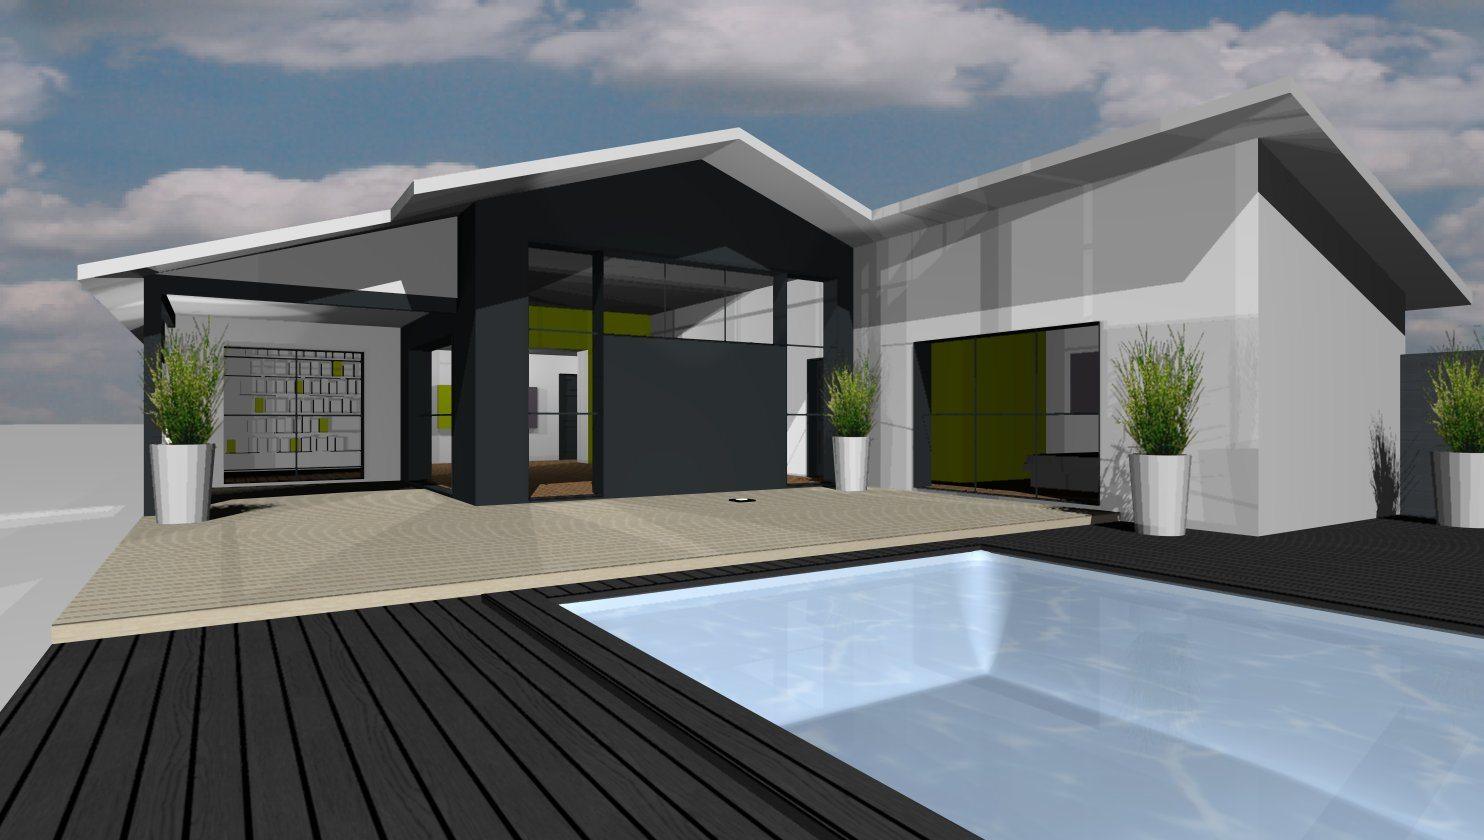 Mod les et plans de maisons mod le de plain pied loft constructions dem - Hauteur sous plafond maison ...